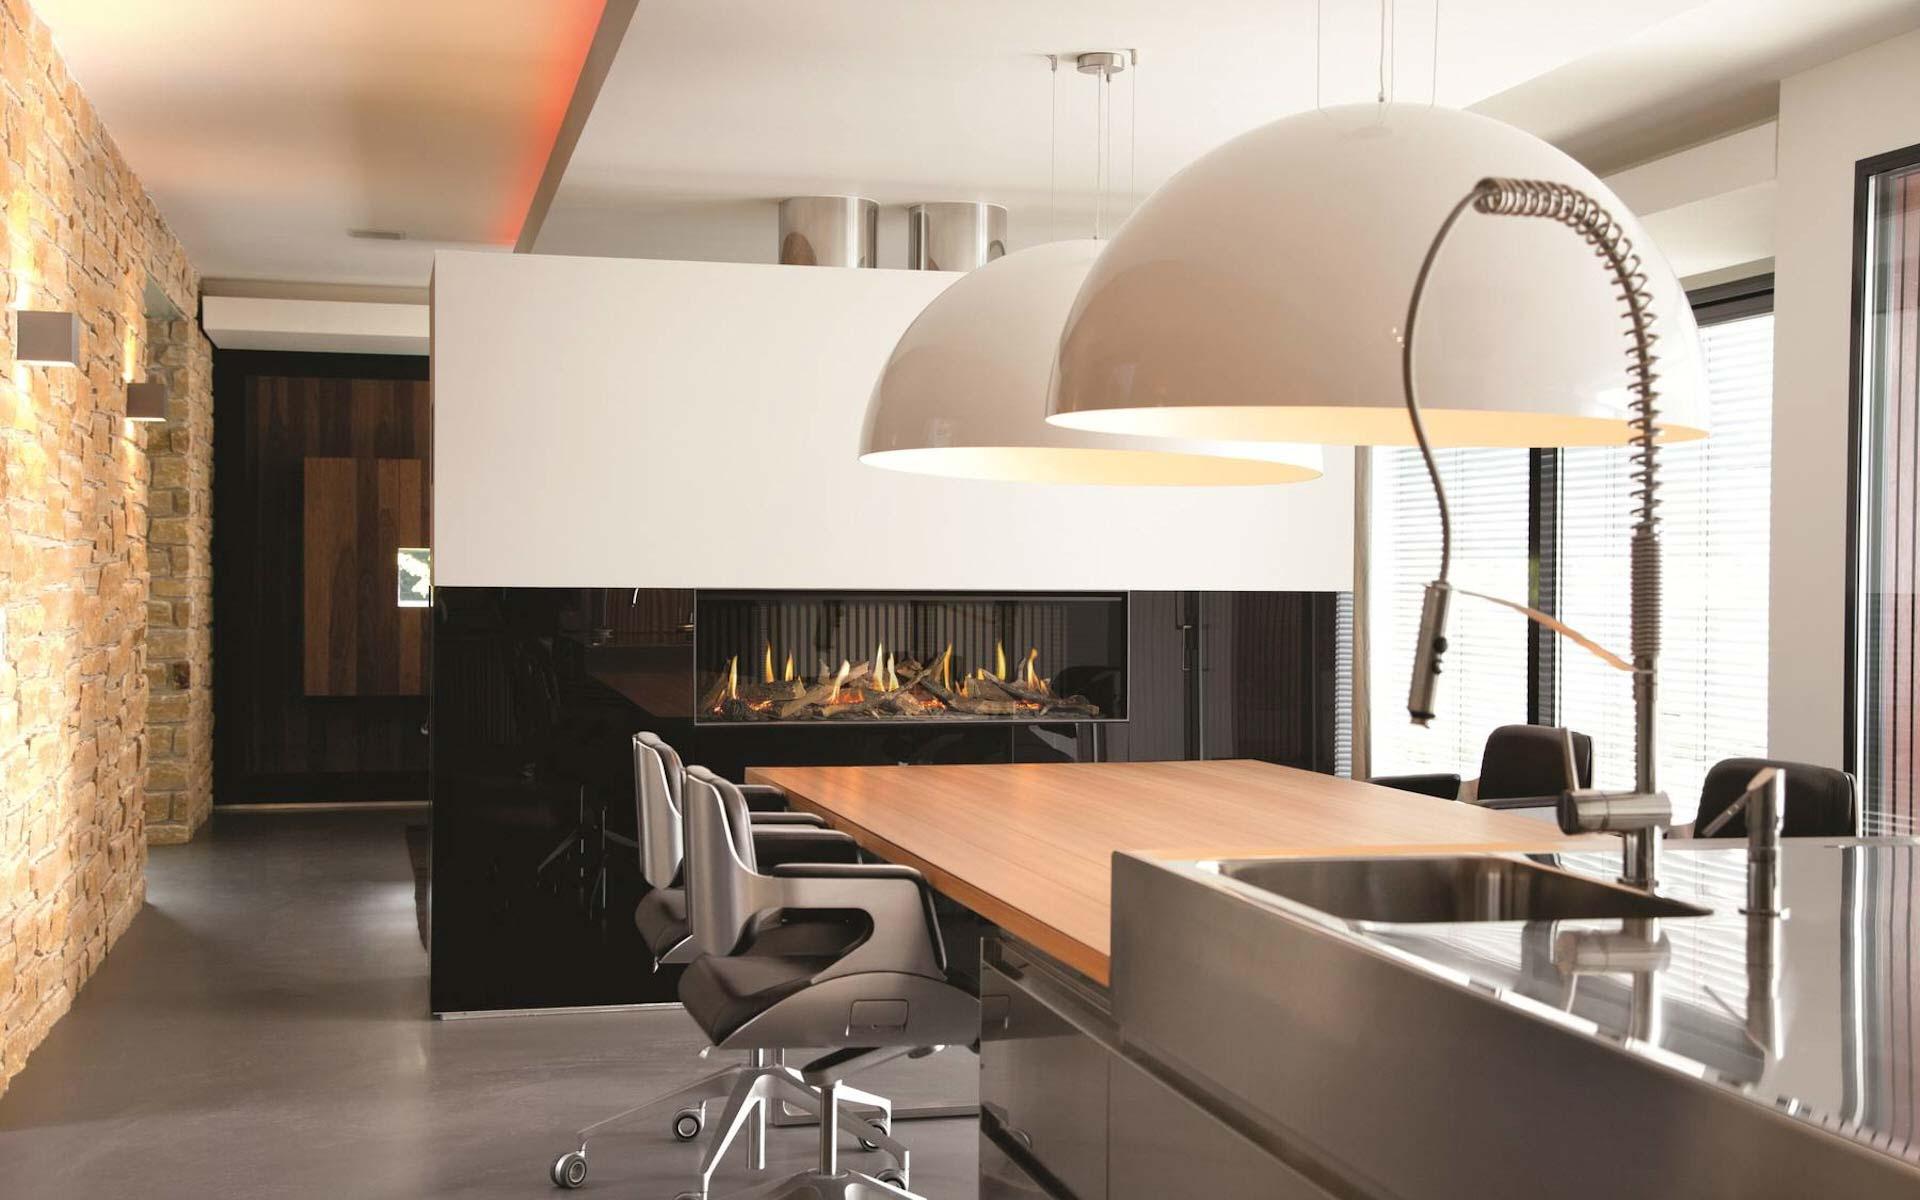 Een haard in de keuken interieurinspiratie nieuws startpagina voor keuken idee n uw - Afscheiding glas keuken woonkamer ...